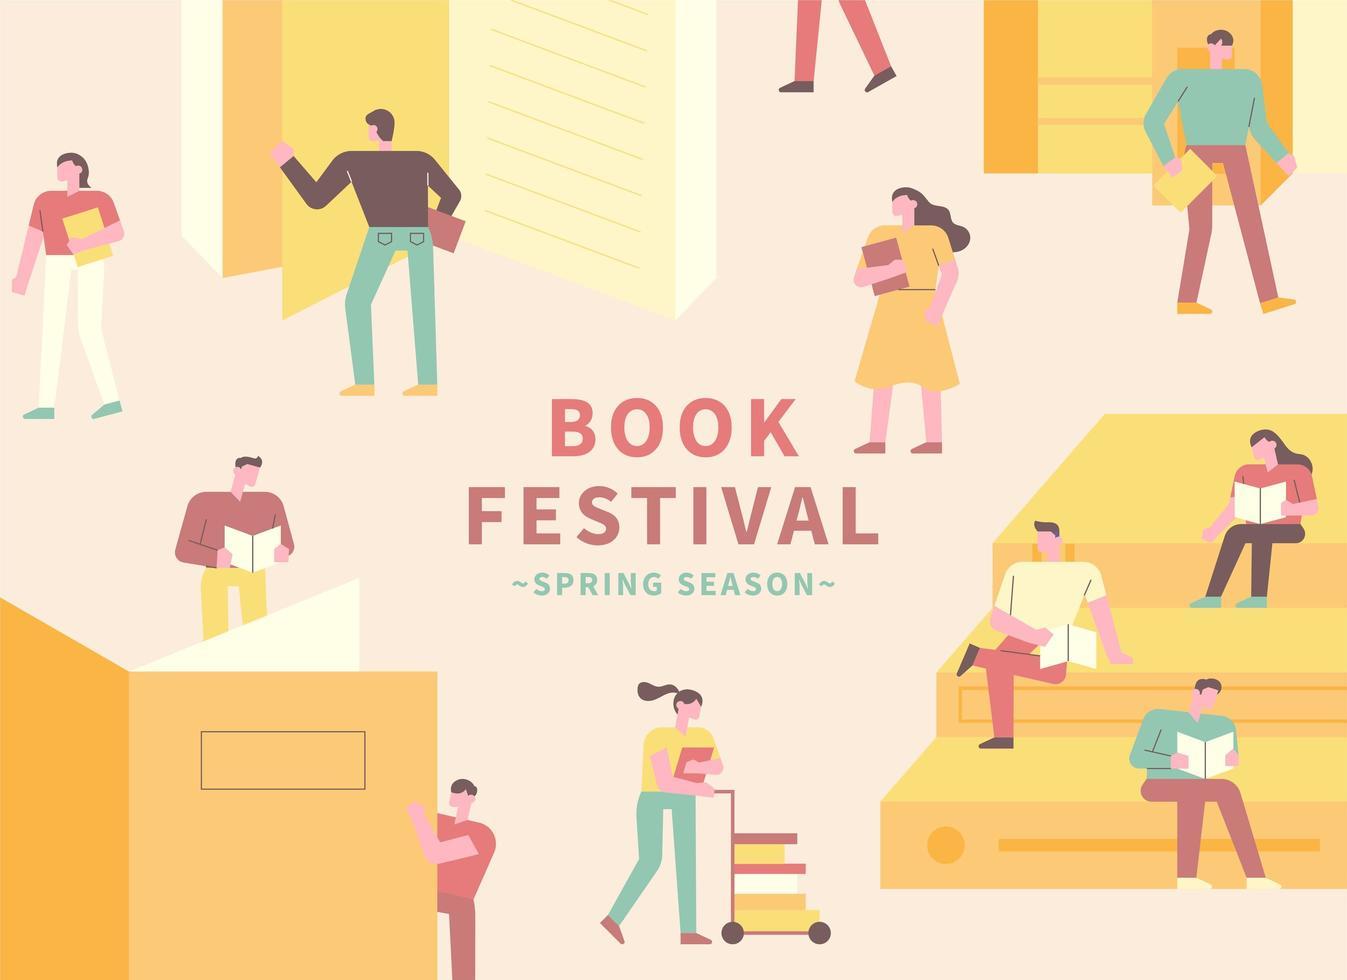 bokfestival affisch vektor